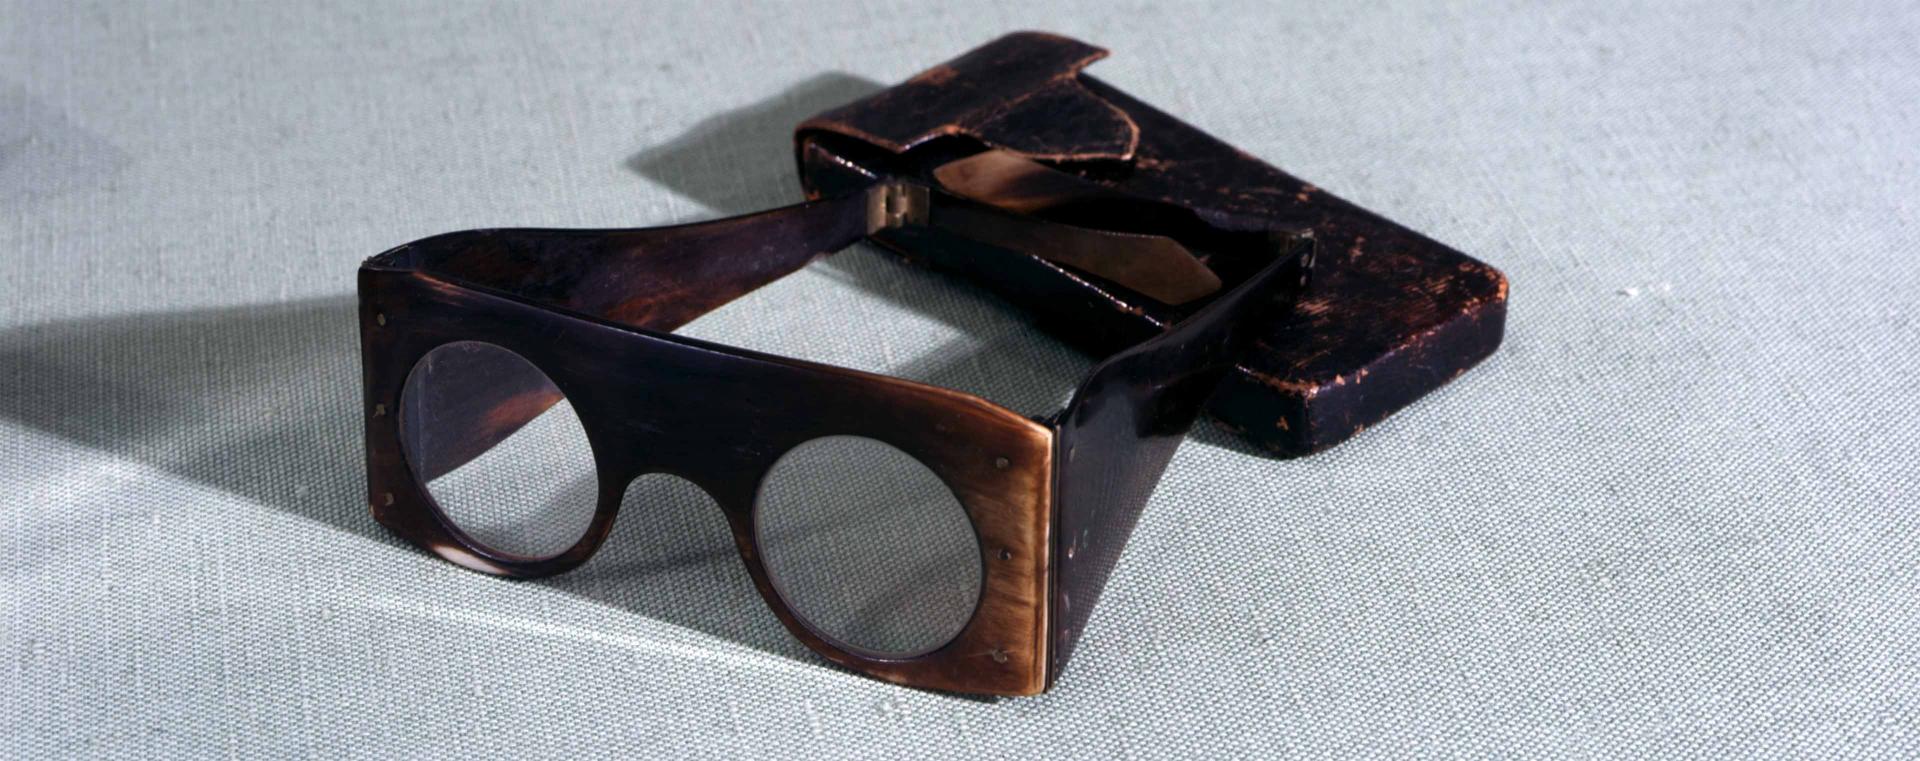 Quadratische Brille mit runden Gläsern, daneben ein passendes Etui